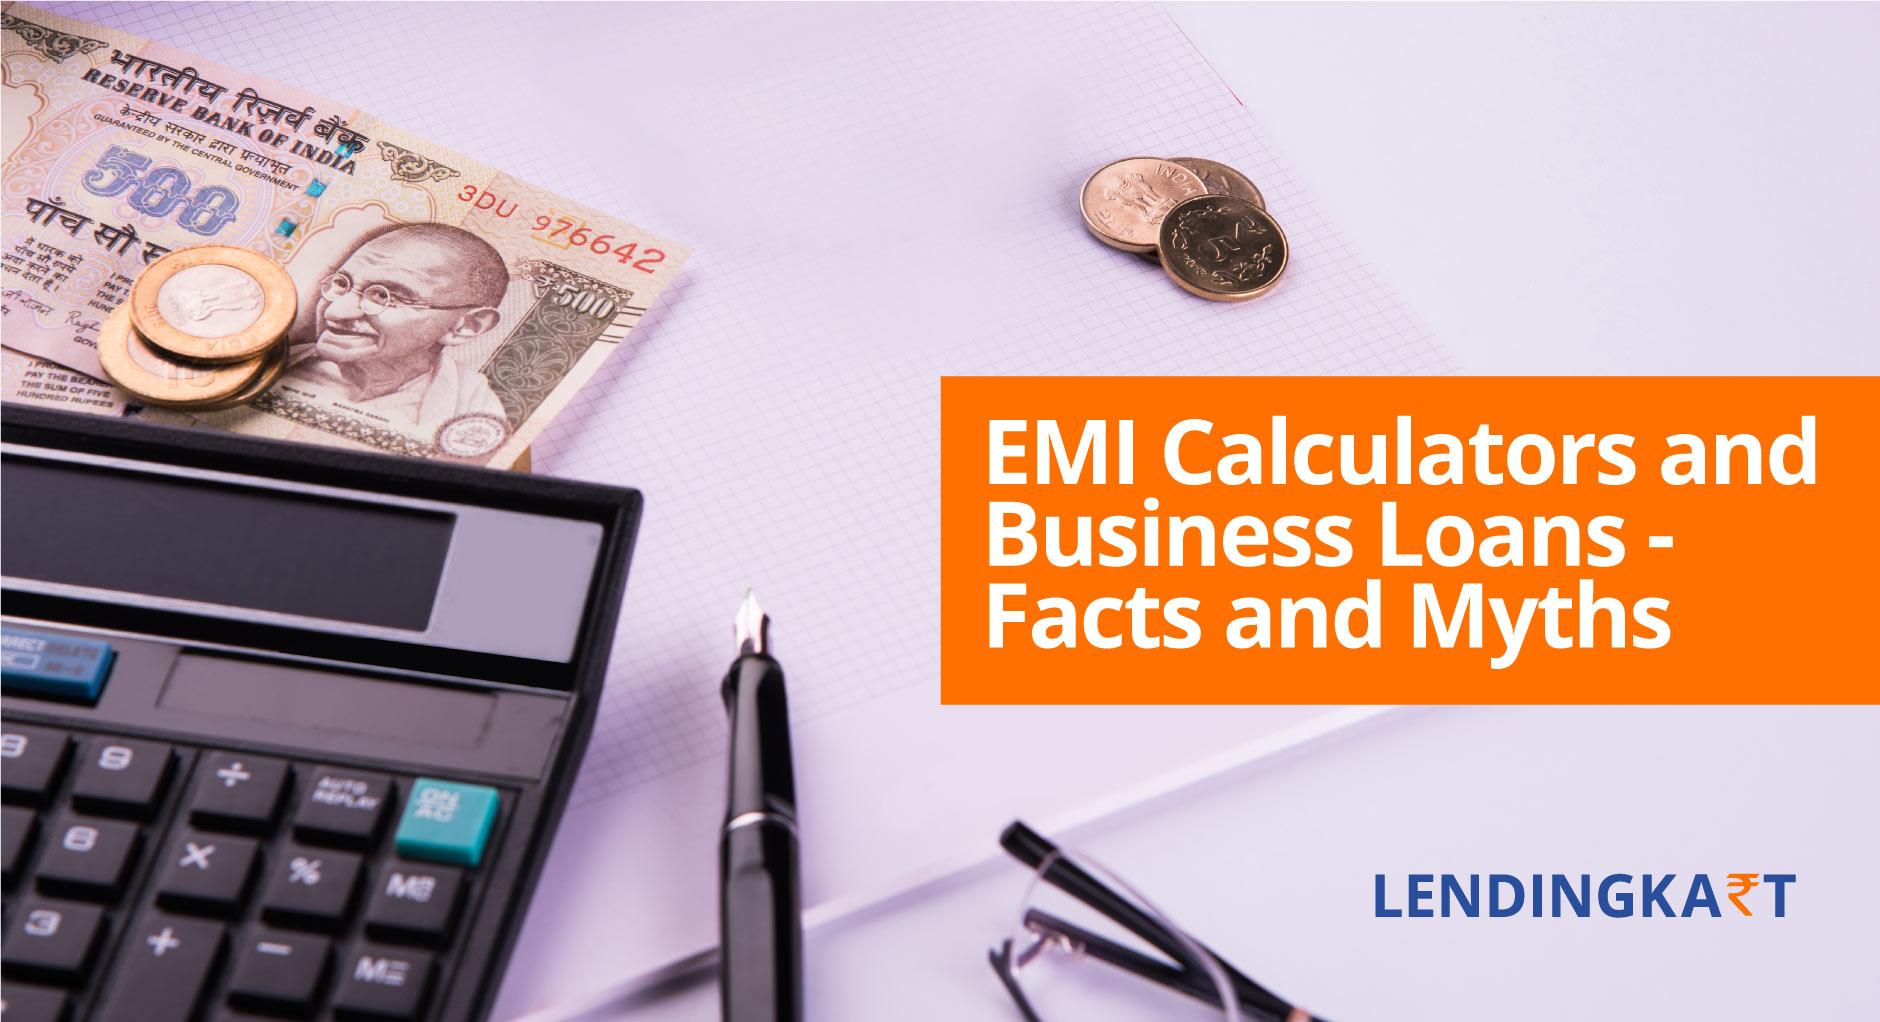 EMI Calculators and Business Loans